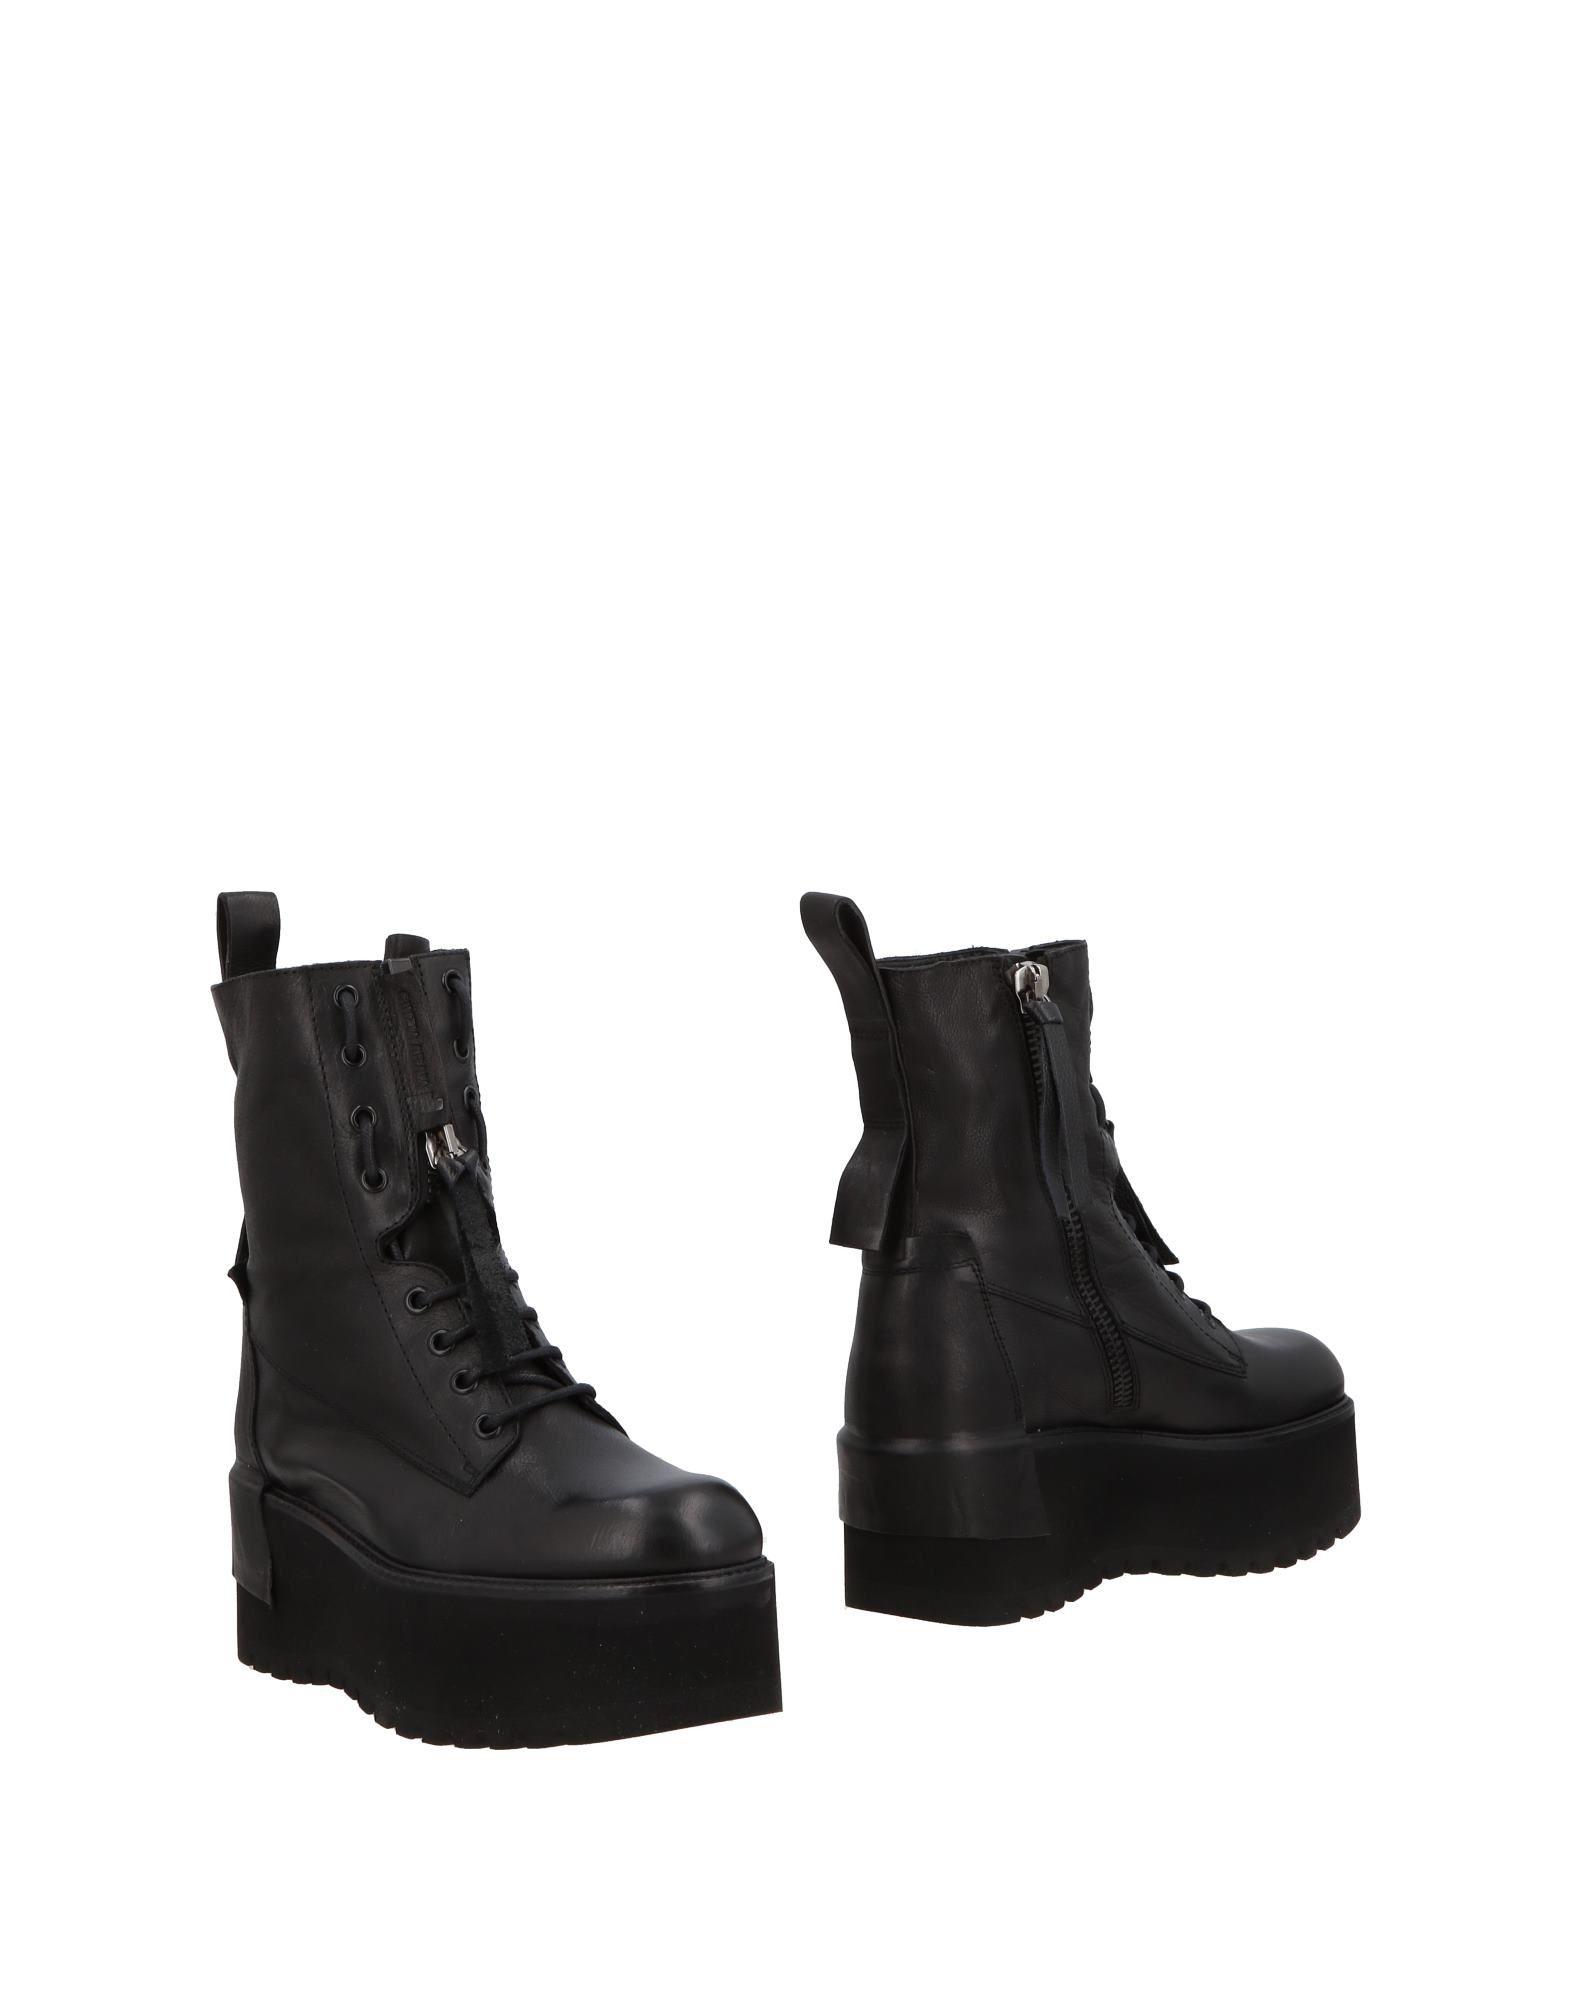 Cinzia Araia  Stiefelette Damen  Araia 11497458GW Beliebte Schuhe 28ca29